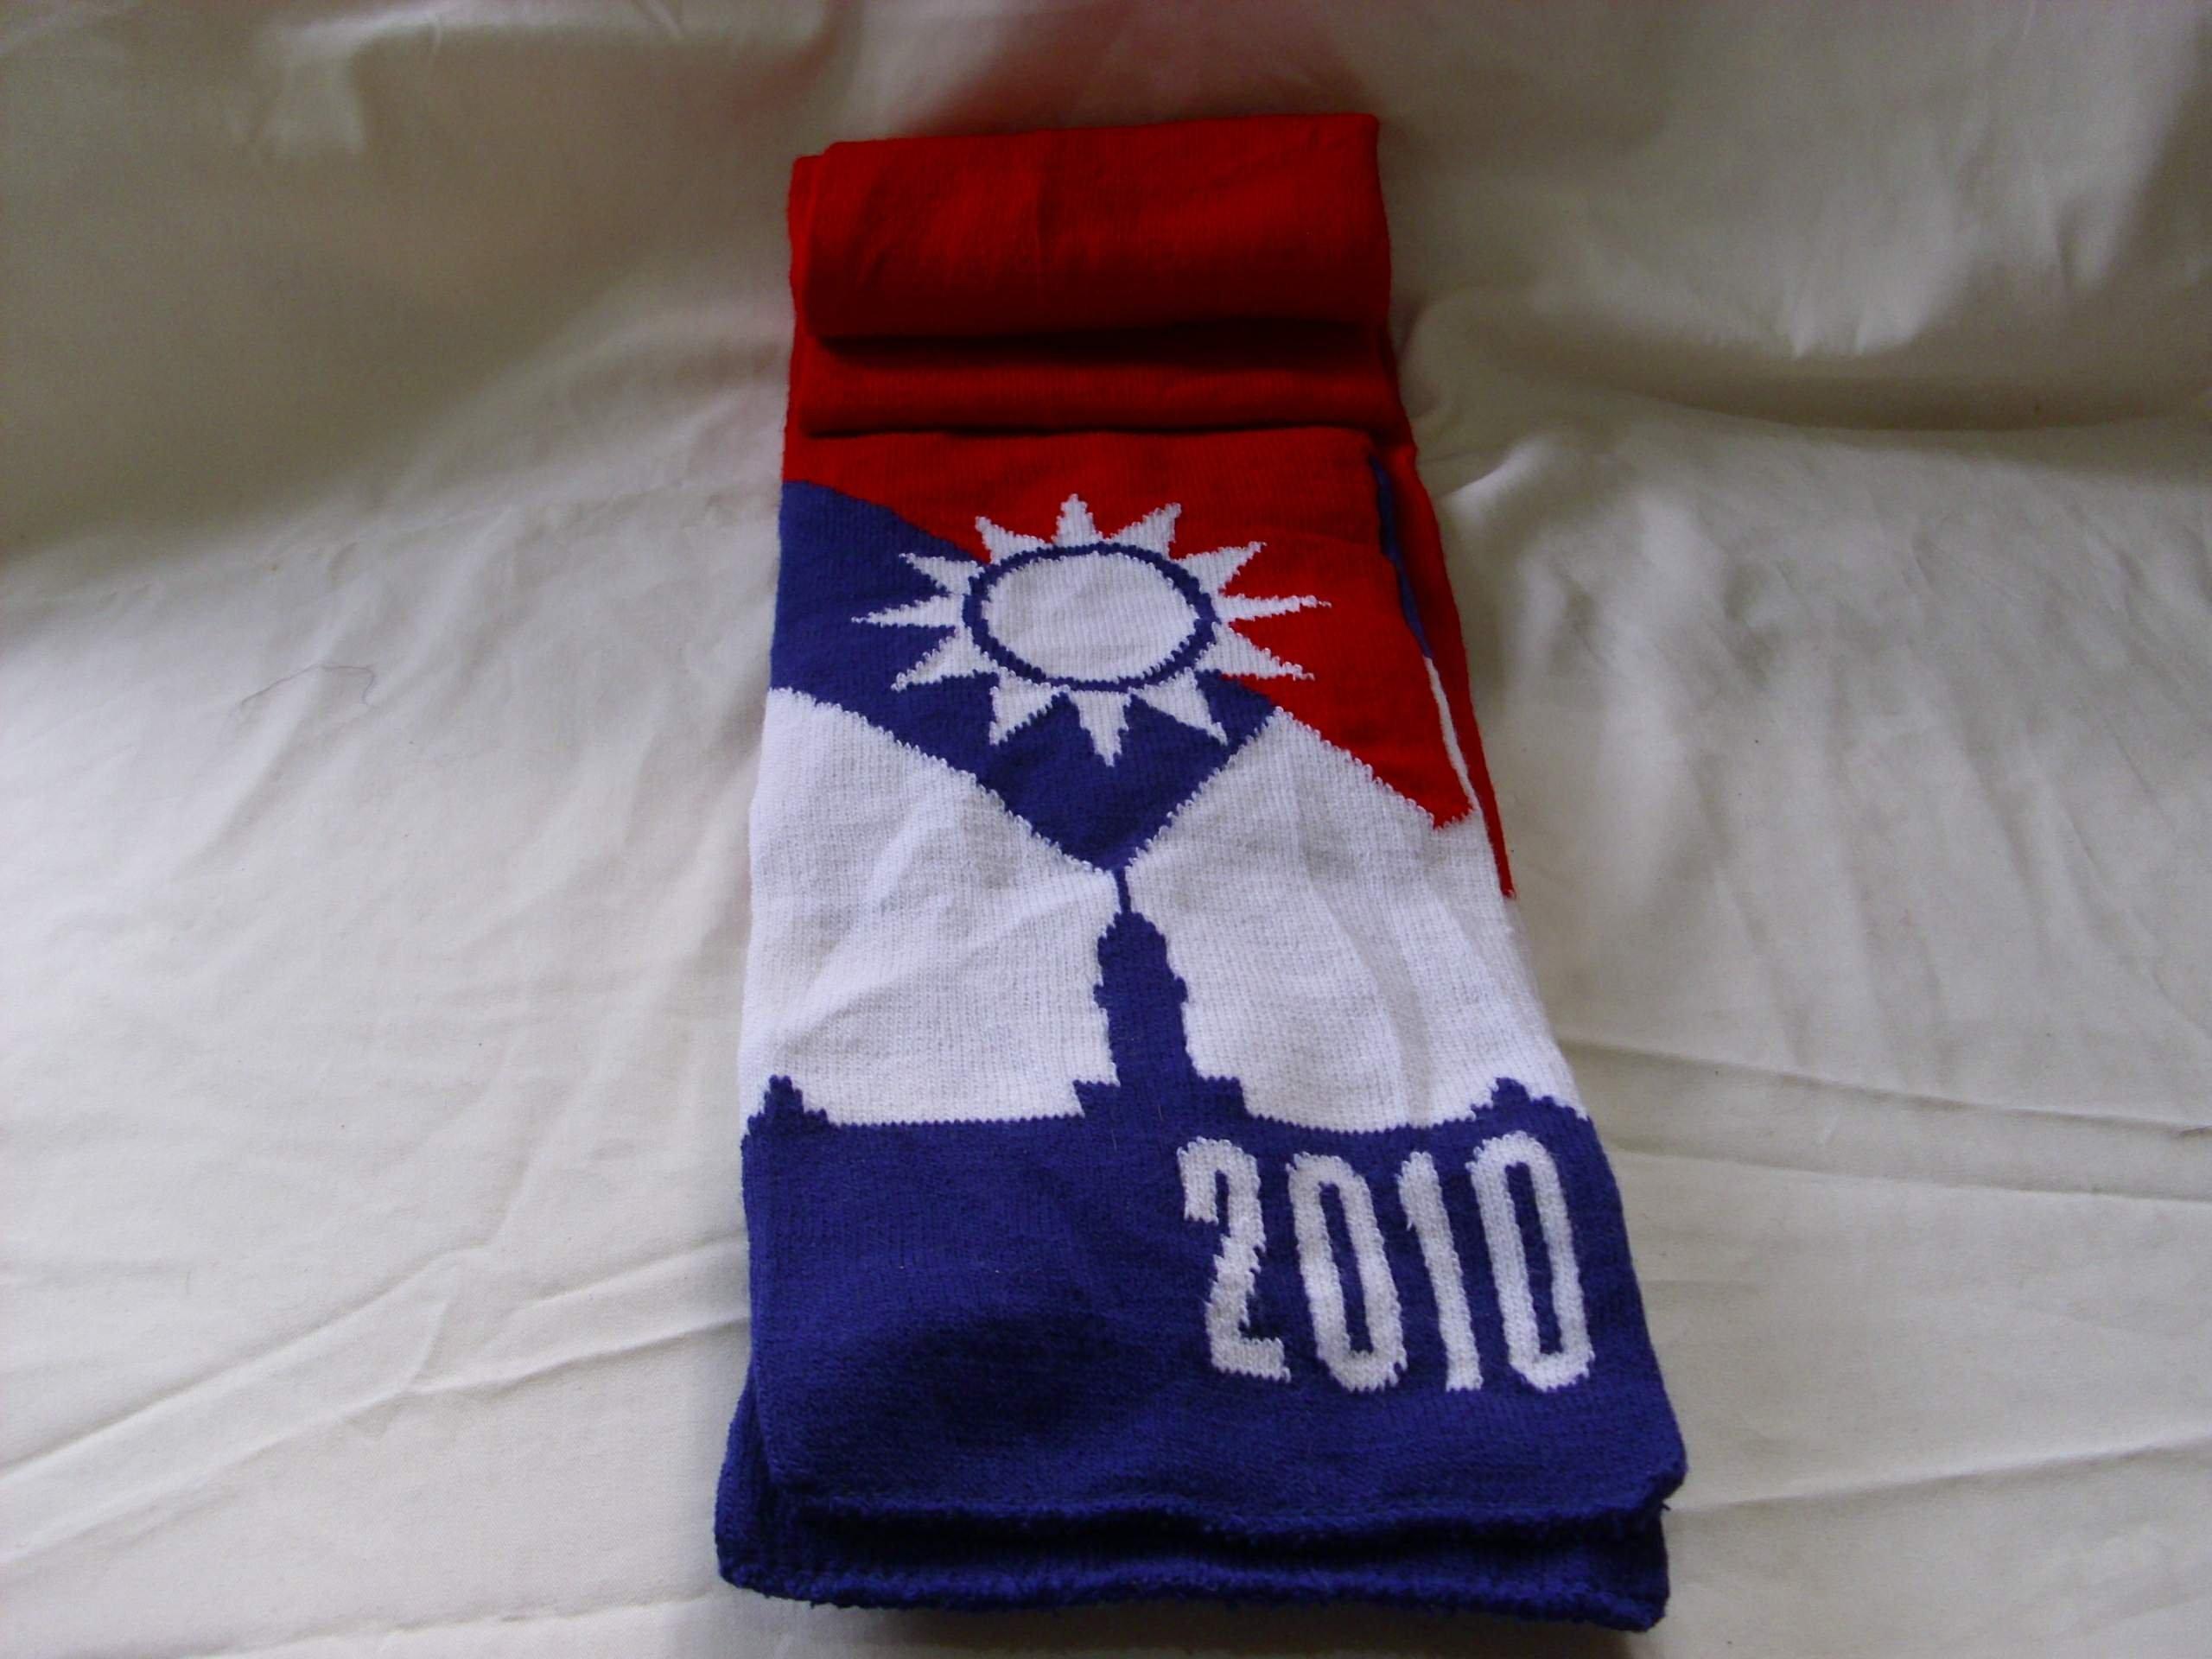 潮流圍巾 珍藏2010國旗 圍巾 舒適保暖.有手感的  款 女款也 生日